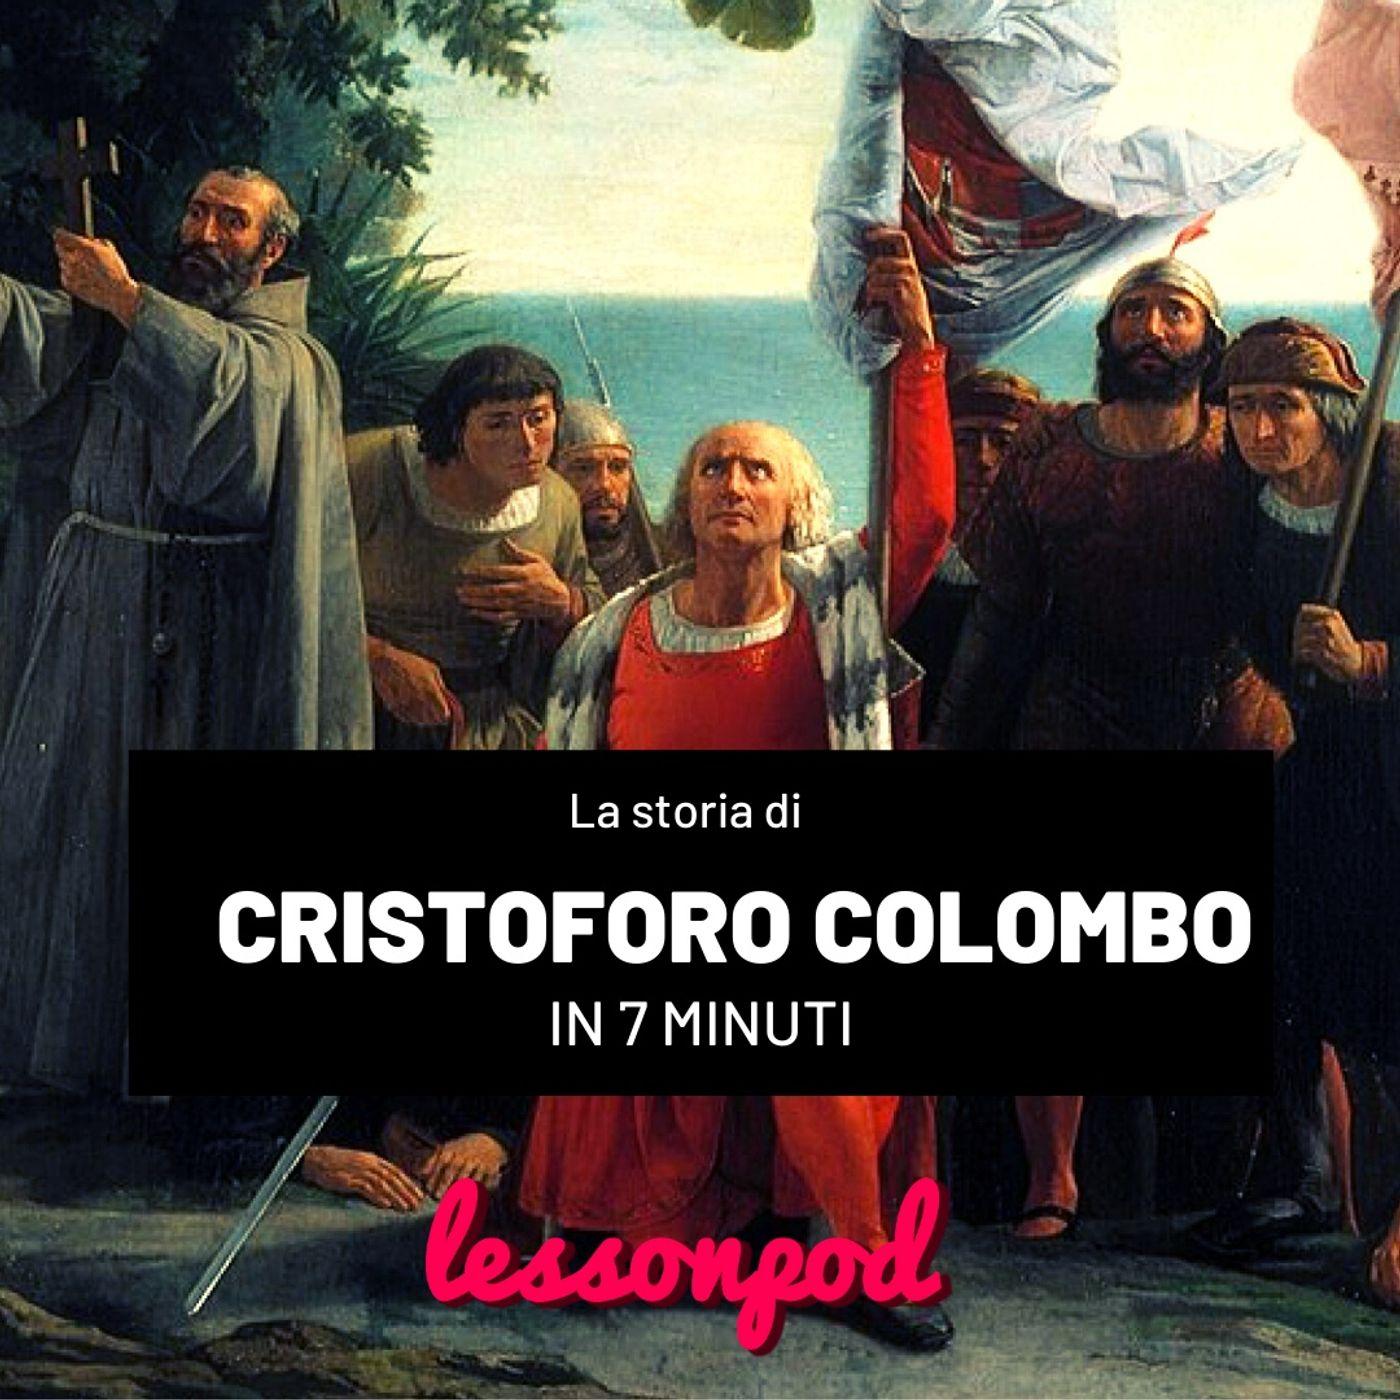 La storia di Cristoforo Colombo in 7 minuti